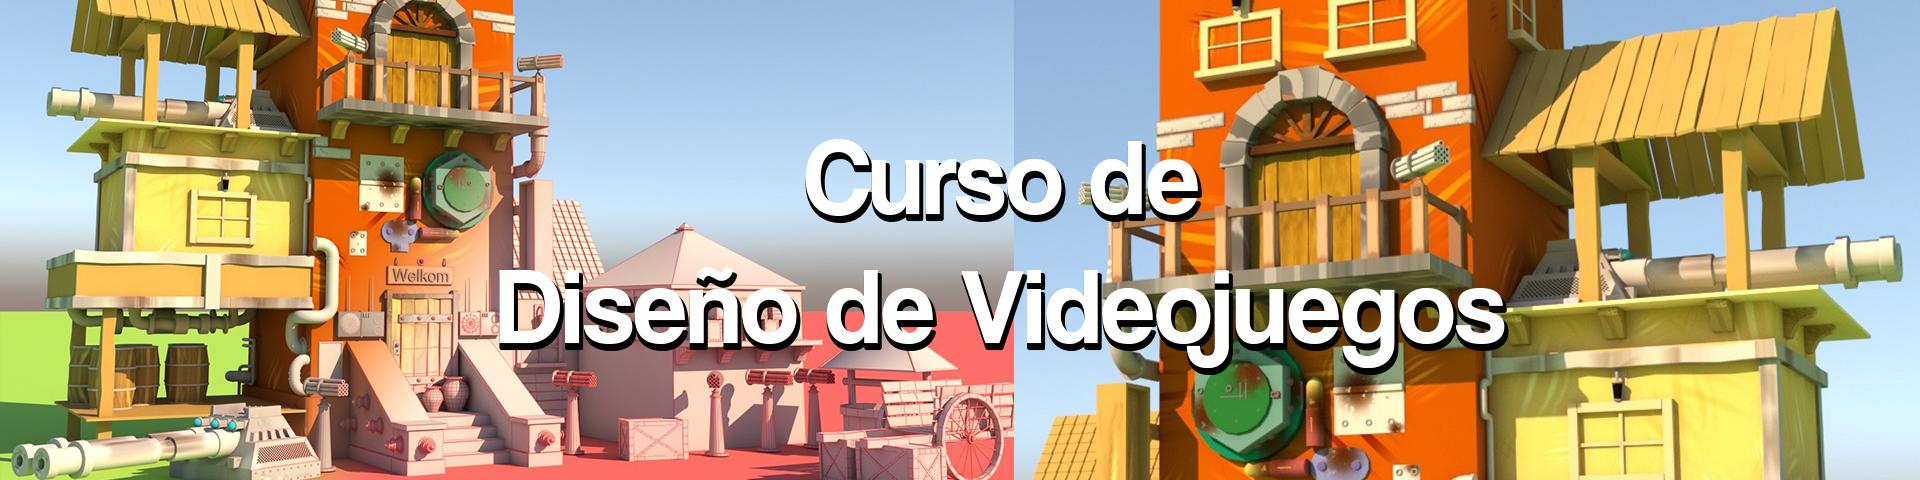 Curso Diseño de Videojuegos 3D